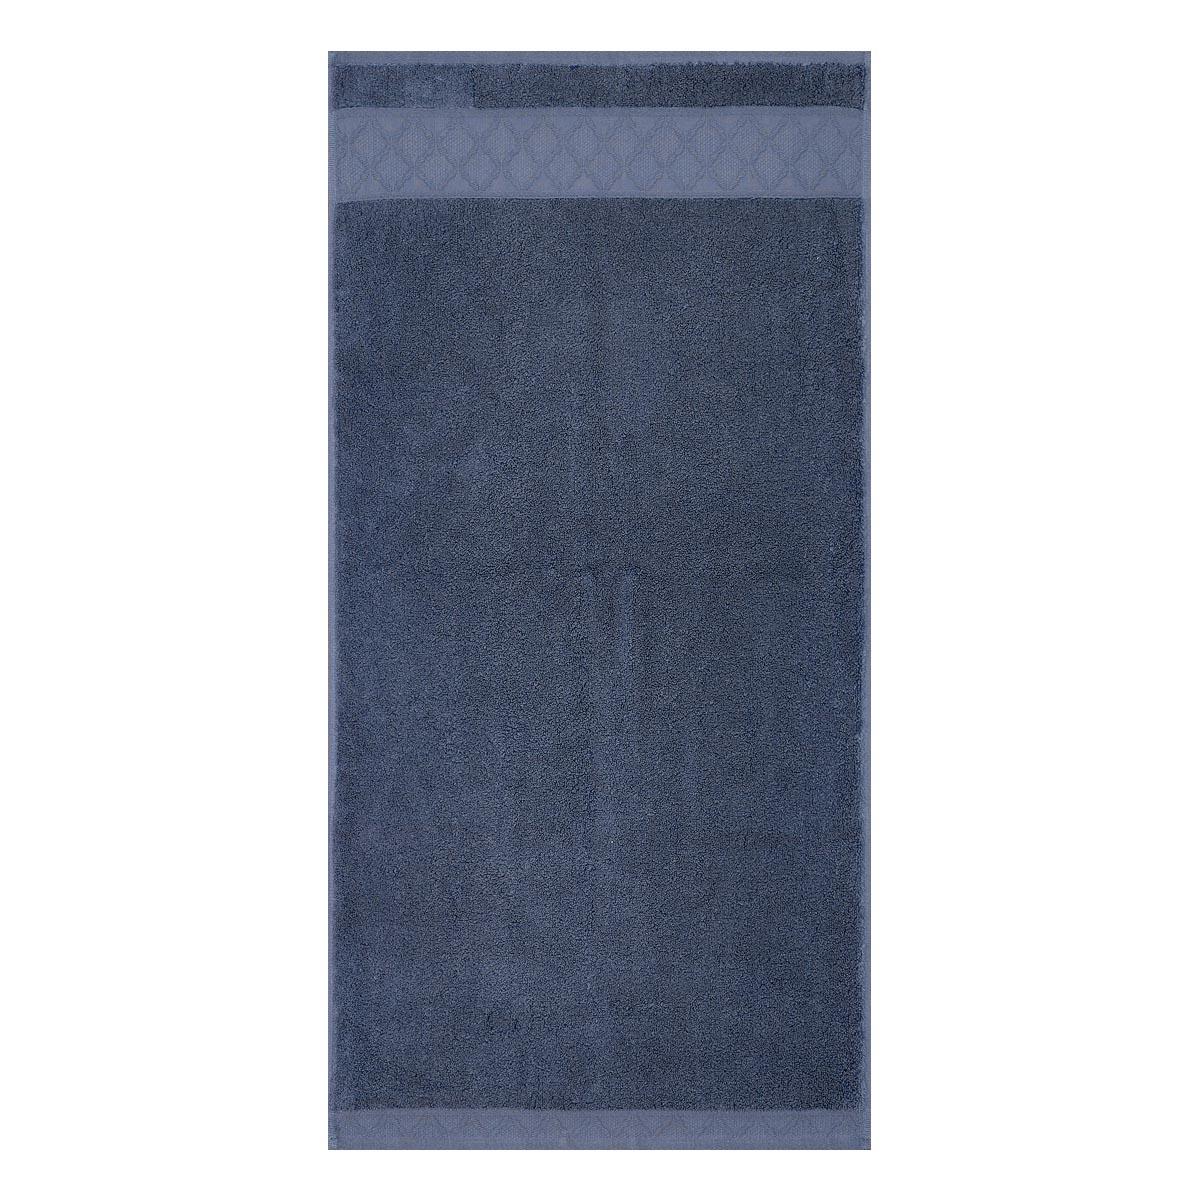 Serviette en coton bleu orient 50 x 100